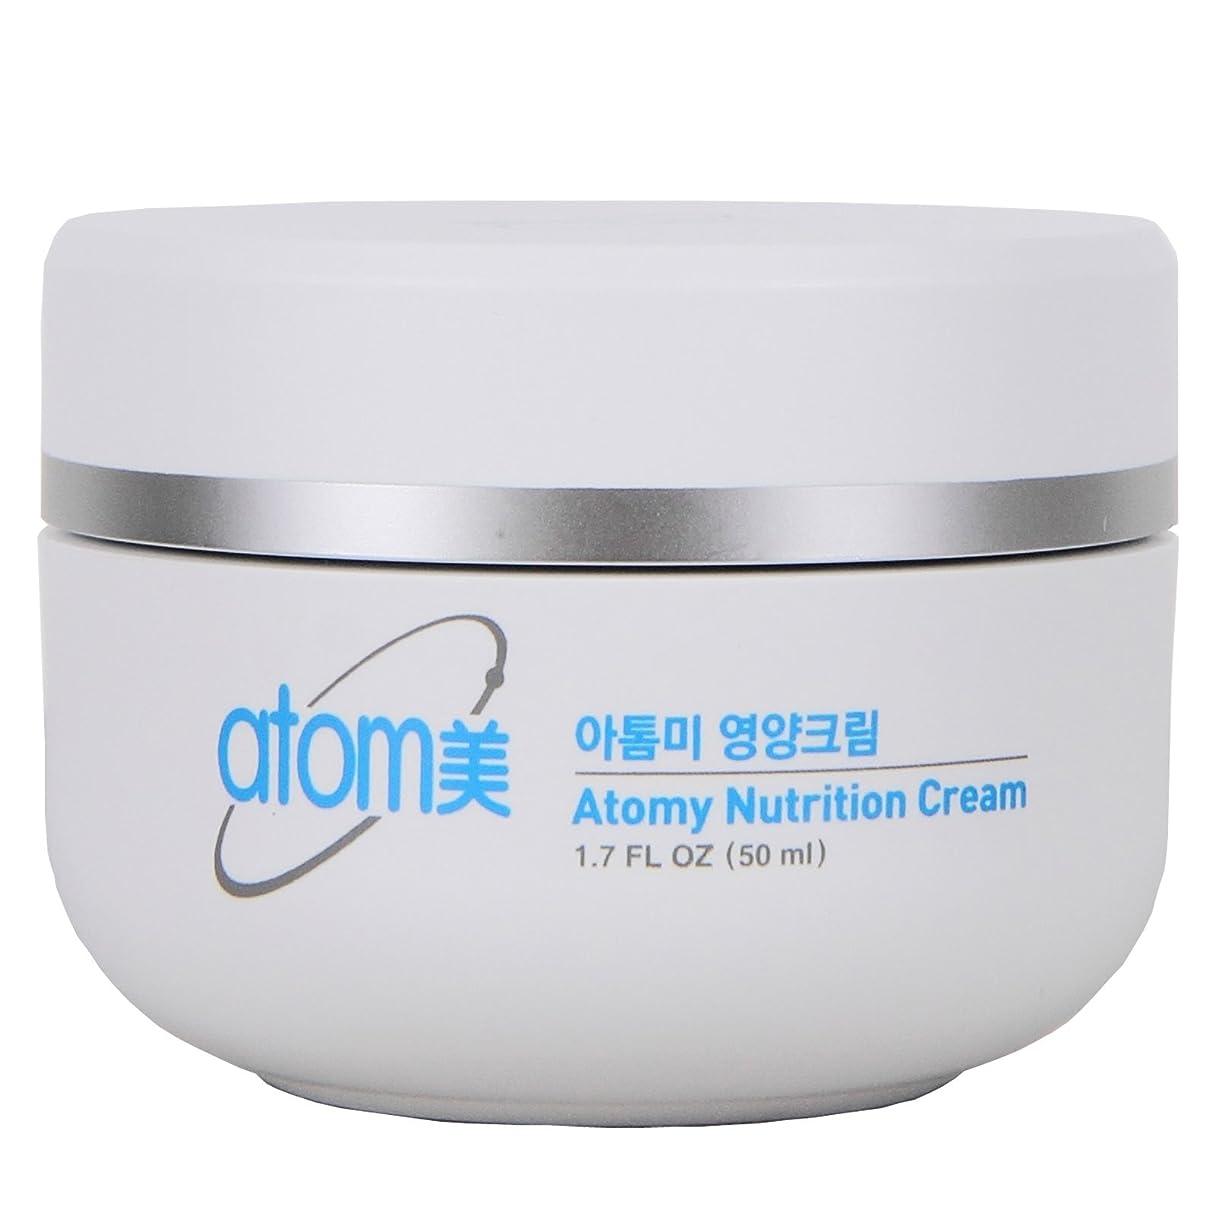 ケイ素ワゴン統計韓国コスメ Atom美 アトミ クリーム ■ナチュラルコスメ